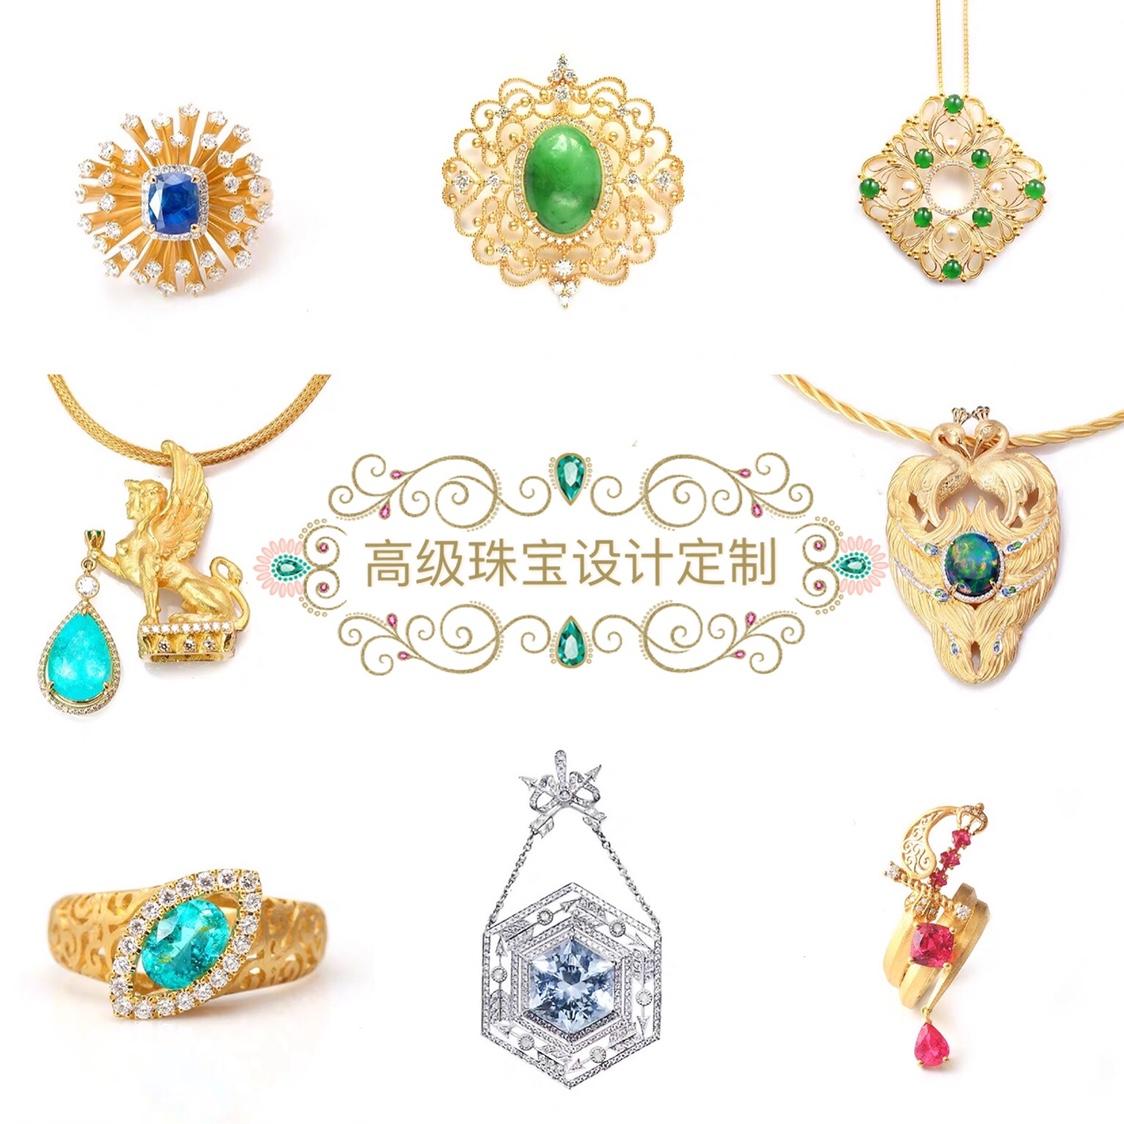 カスタムモザイク加工の逸品を設計しました。18 k金紅宝サファイアのエメラルドダイヤモンドのユニコーンのジュエリーガーデンです。